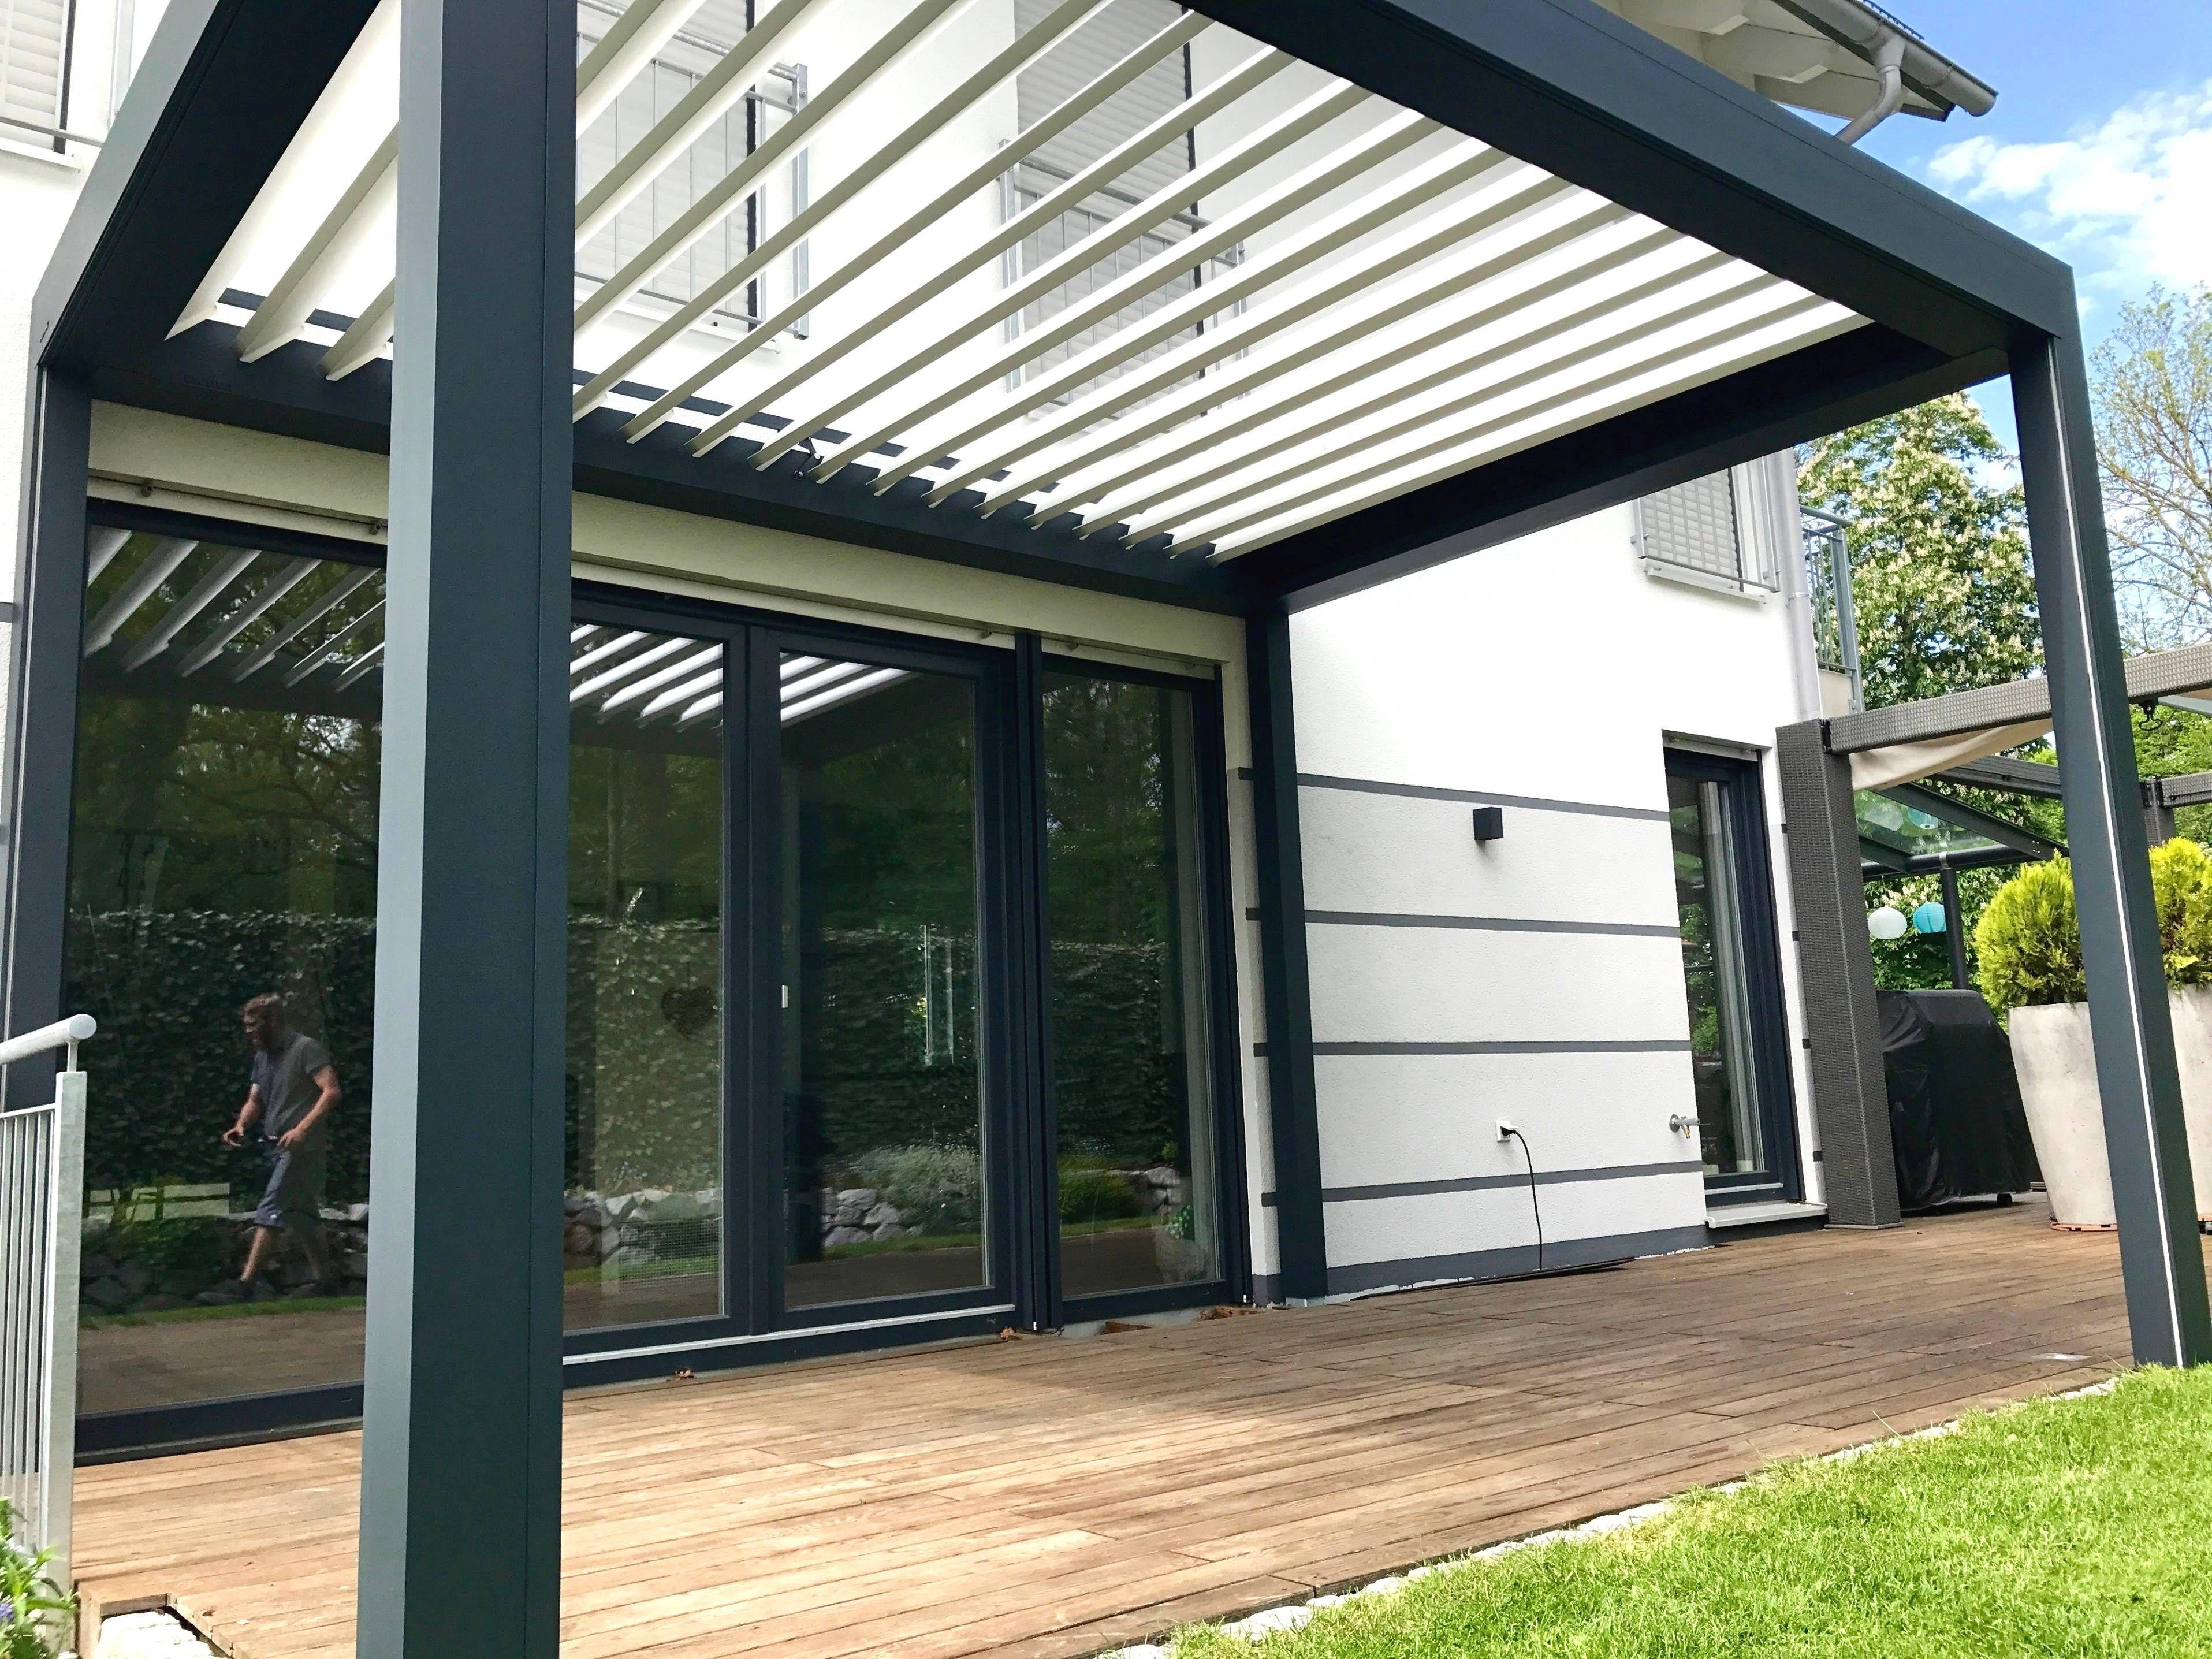 Elegant Wintergarten Einrichtung Modern With Images Outdoor